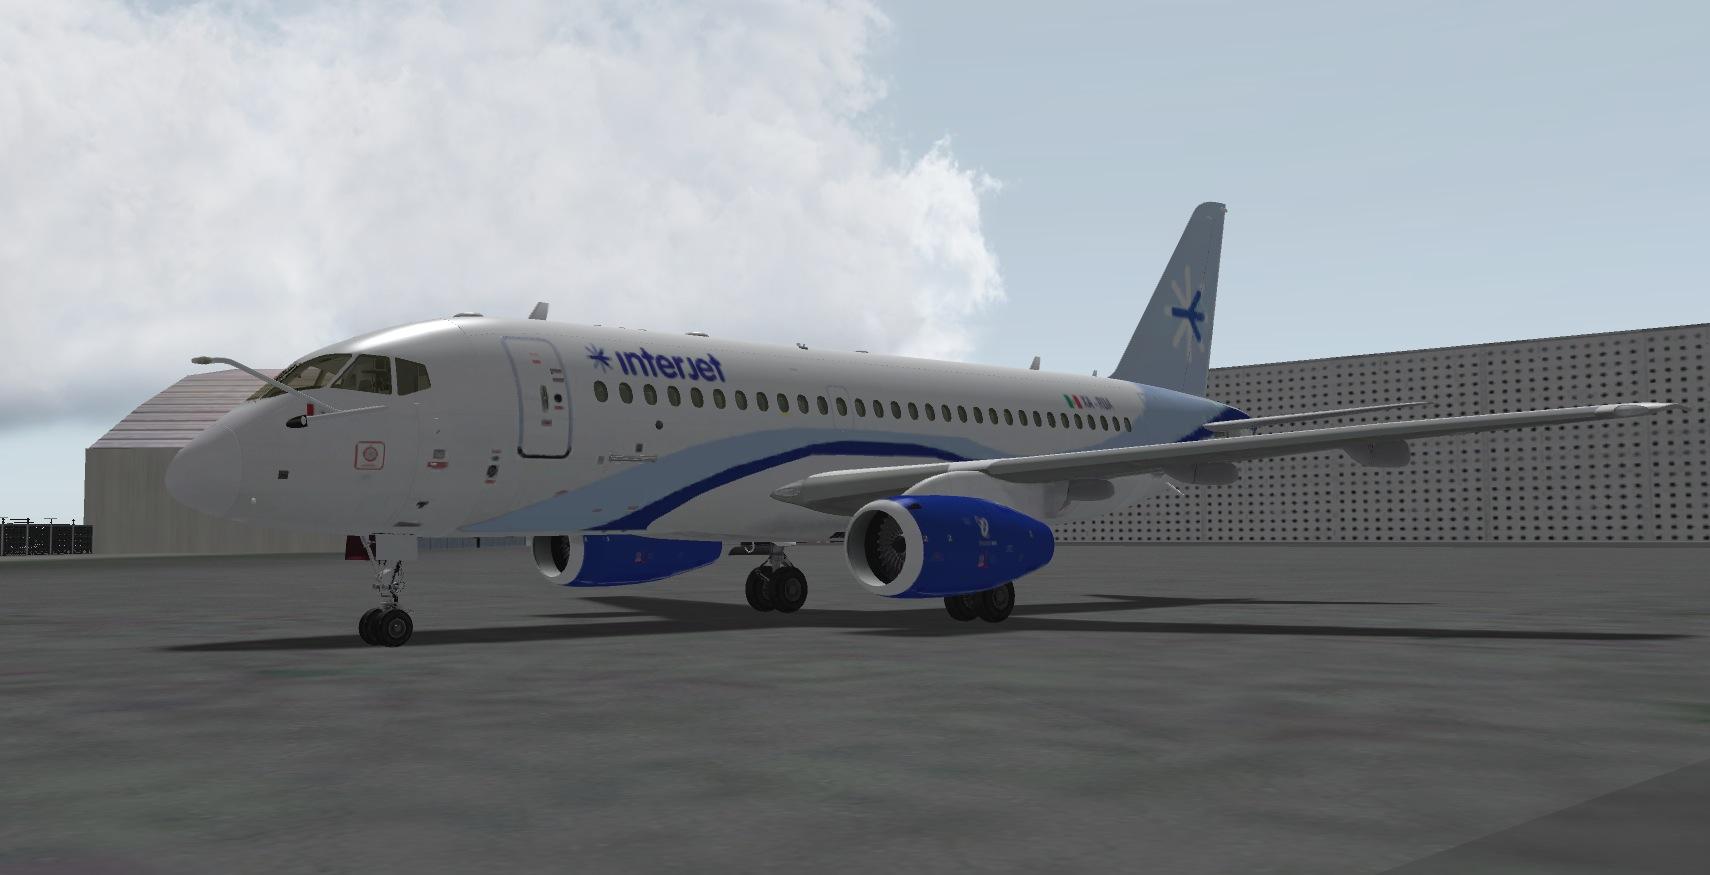 Interjet Livery for Sukhoi Superjet - Sukhoi 100 v5 skins